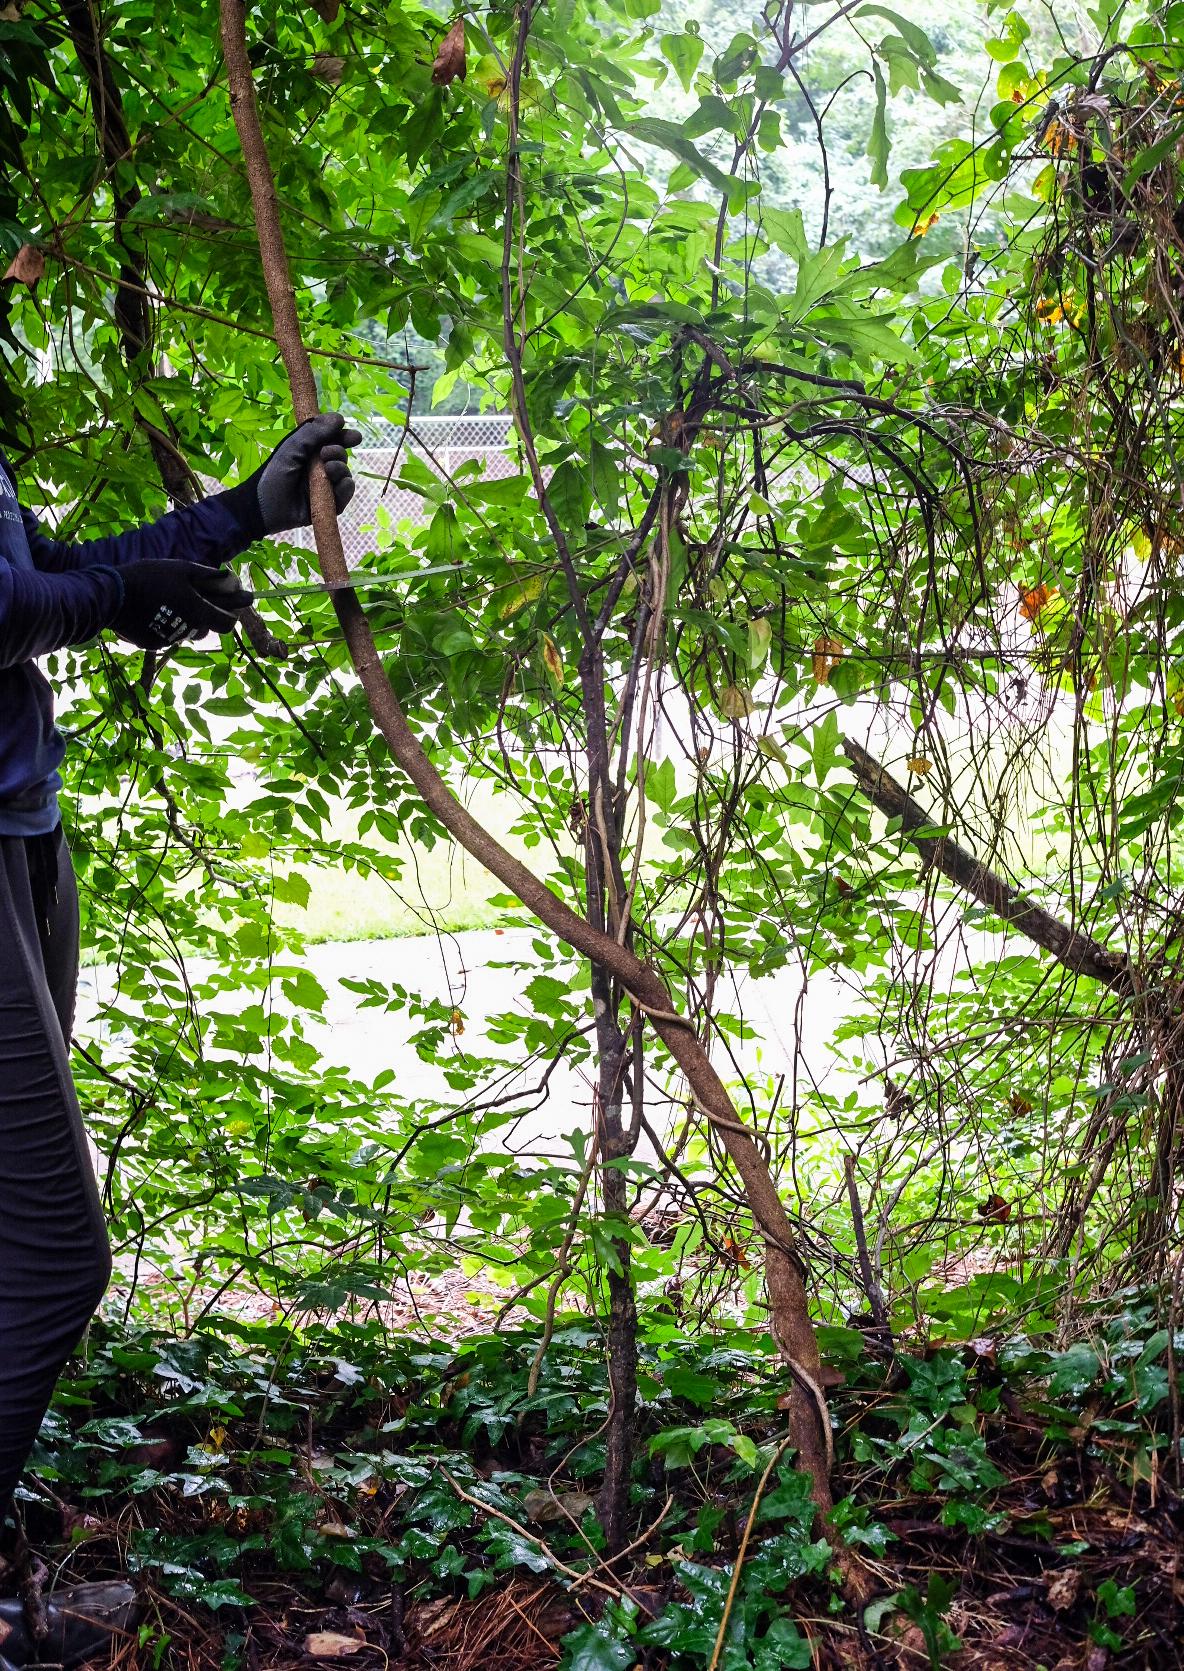 Cutting wisteria vine